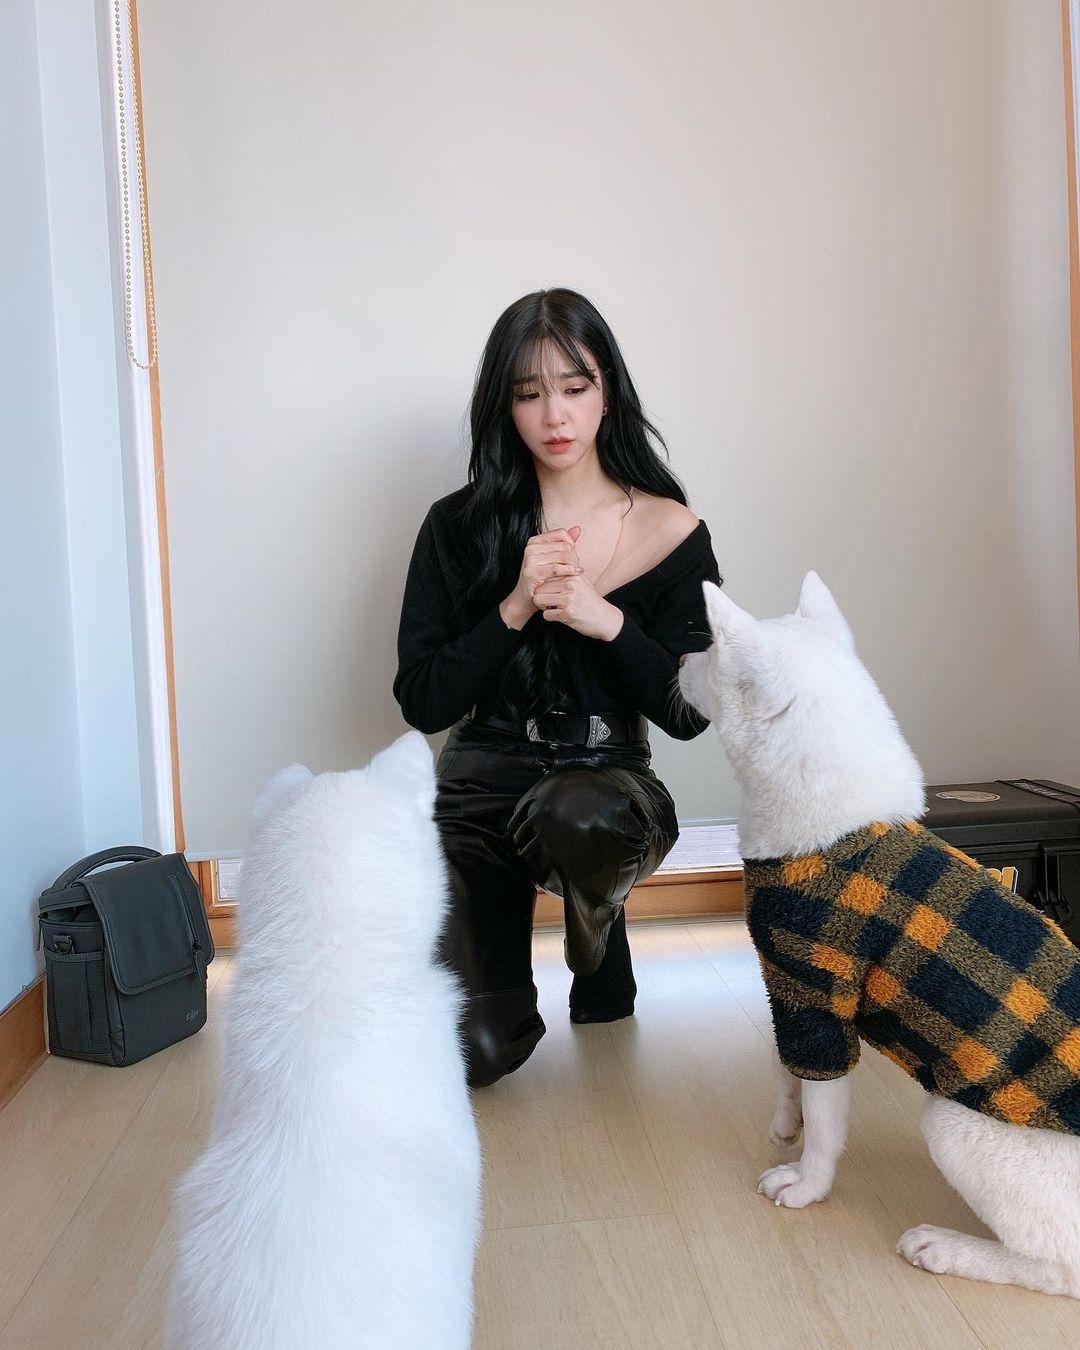 Những mỹ nhân hot nhất Kbiz đều đang mê mệt kiểu áo trễ nải này: Jennie, Jisoo, Irene… không ngại đụng hàng liên hoàn - Ảnh 5.